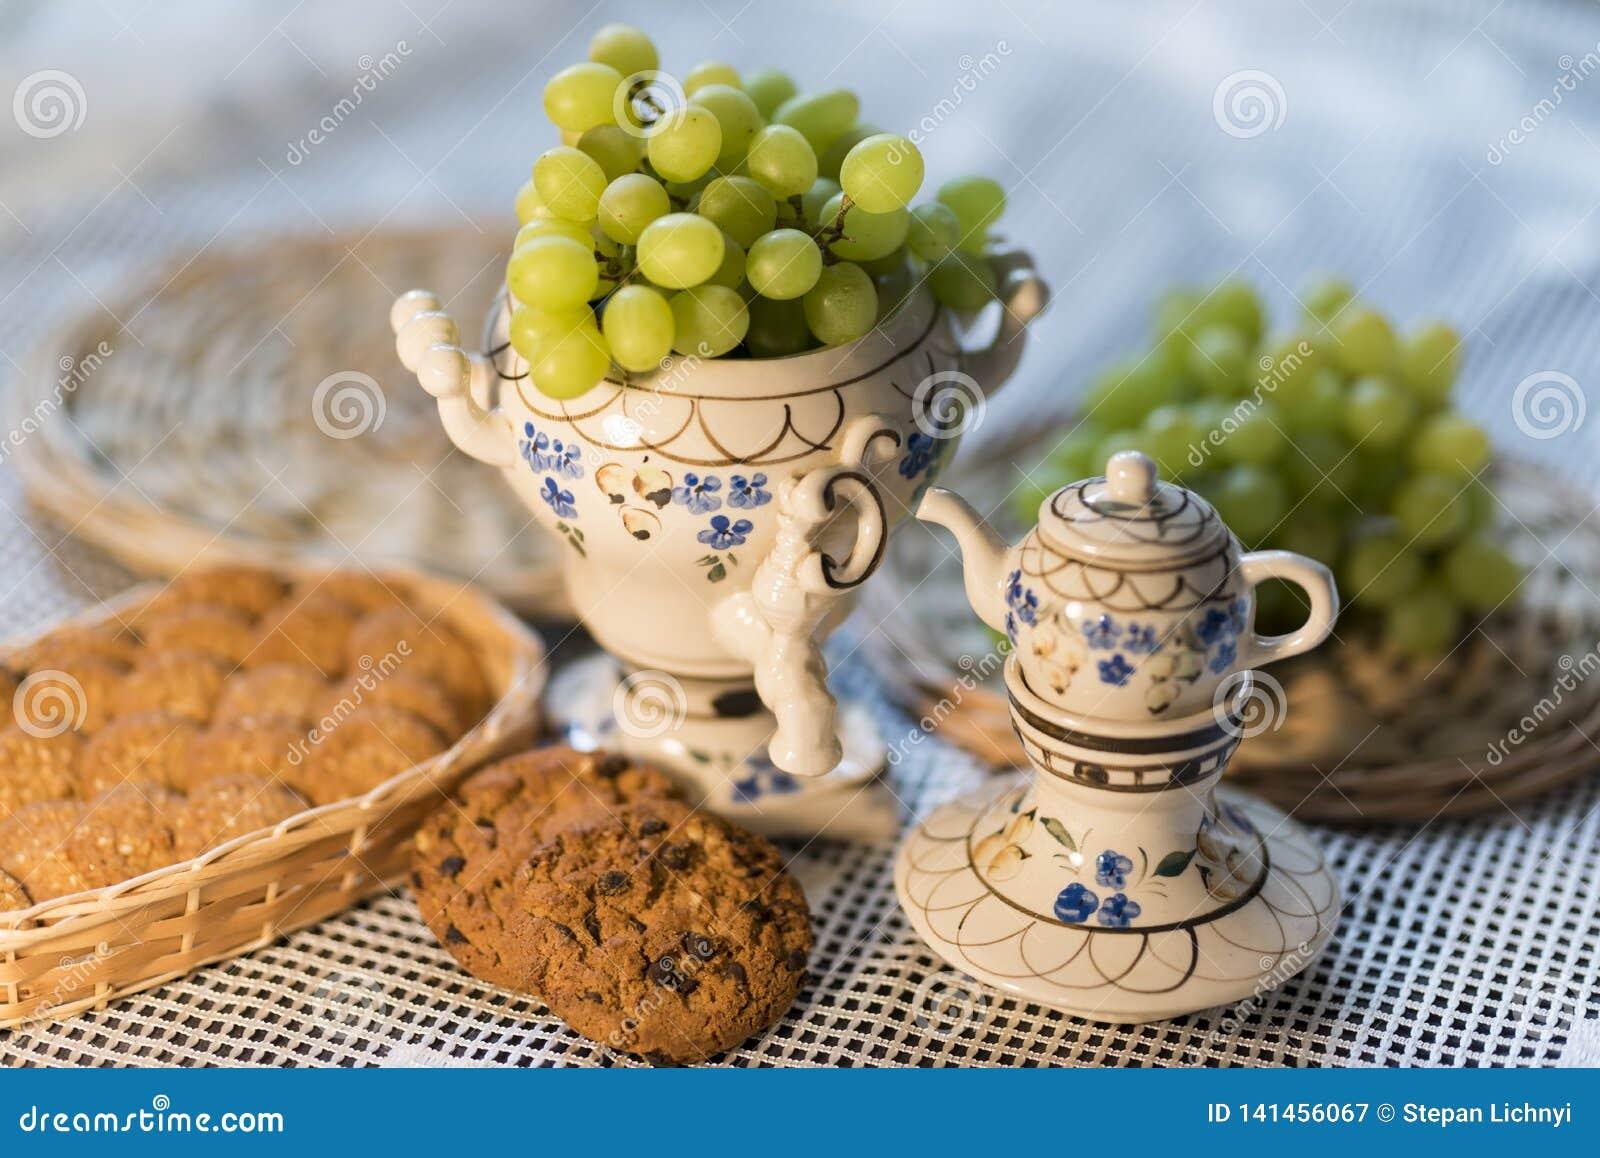 De Druiven van het voedselbeeld, Koekjes, Theepot en Tafelkleed 2019